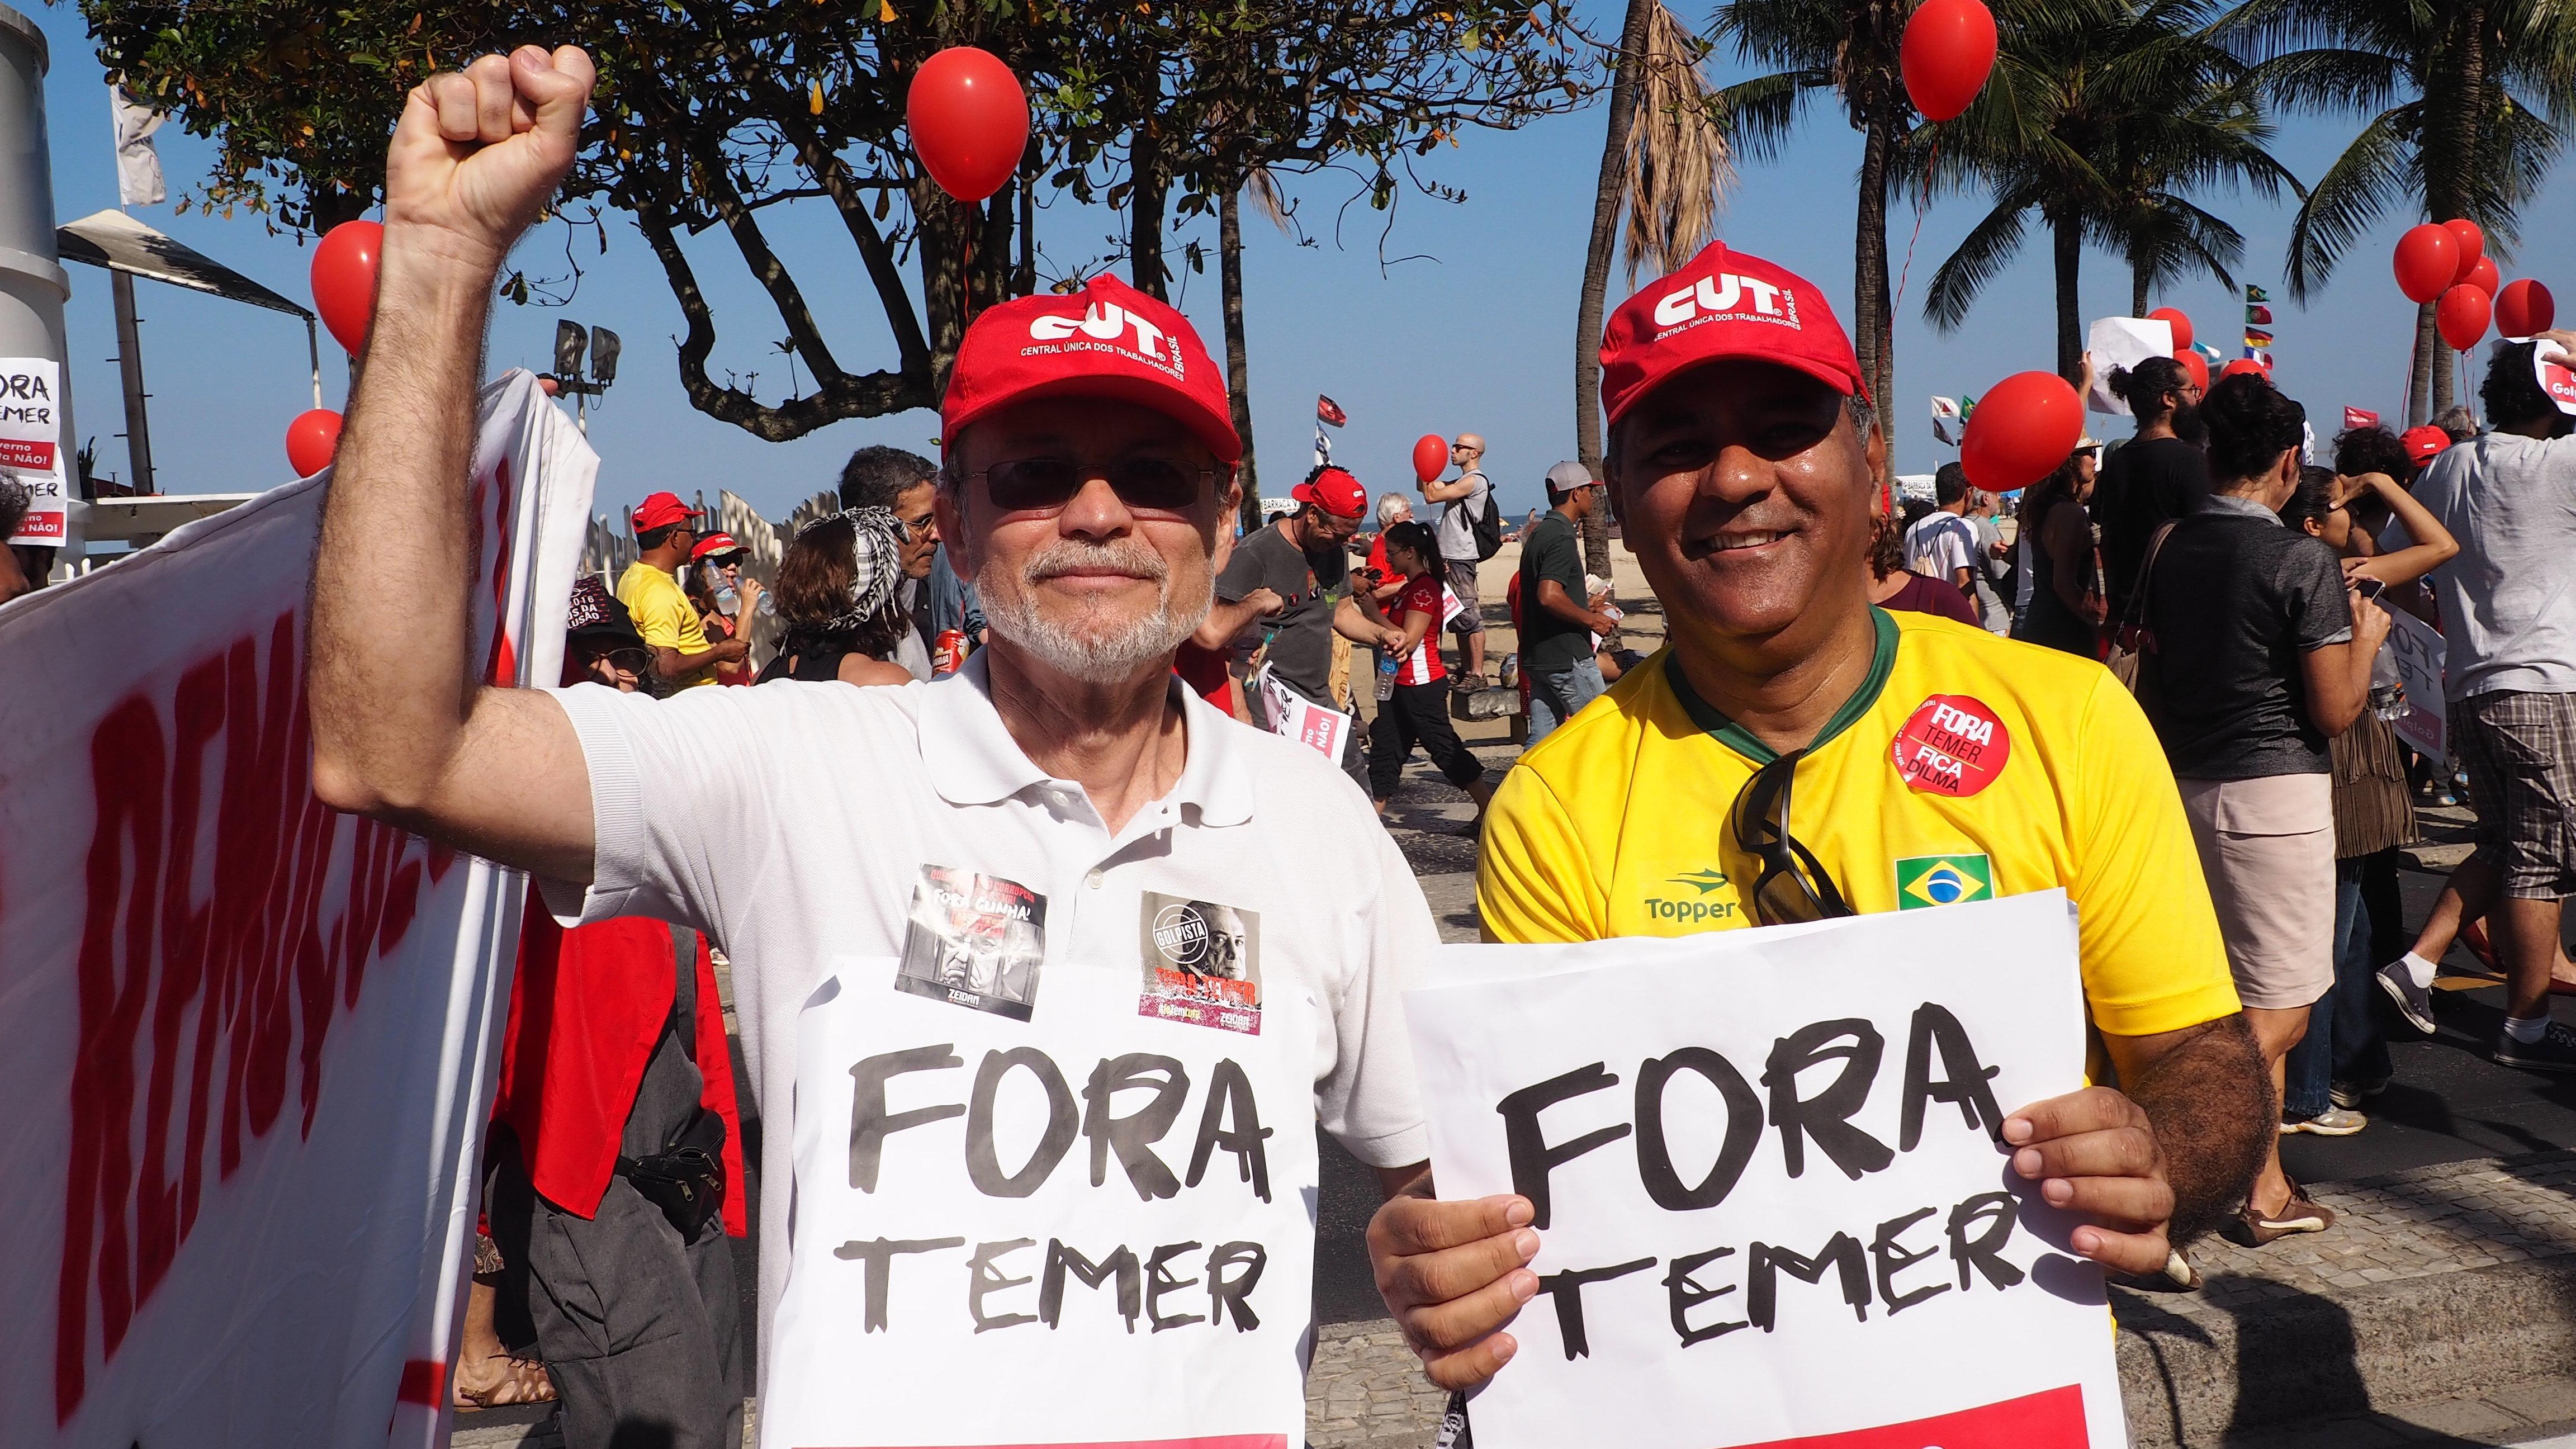 José Carlos de Araújo, advogado do grupo Advocacia em Ação, e Jaime Muniz Martins, ex-presidente da FAFERJ, em ato contra Temer na orla de Copacabana